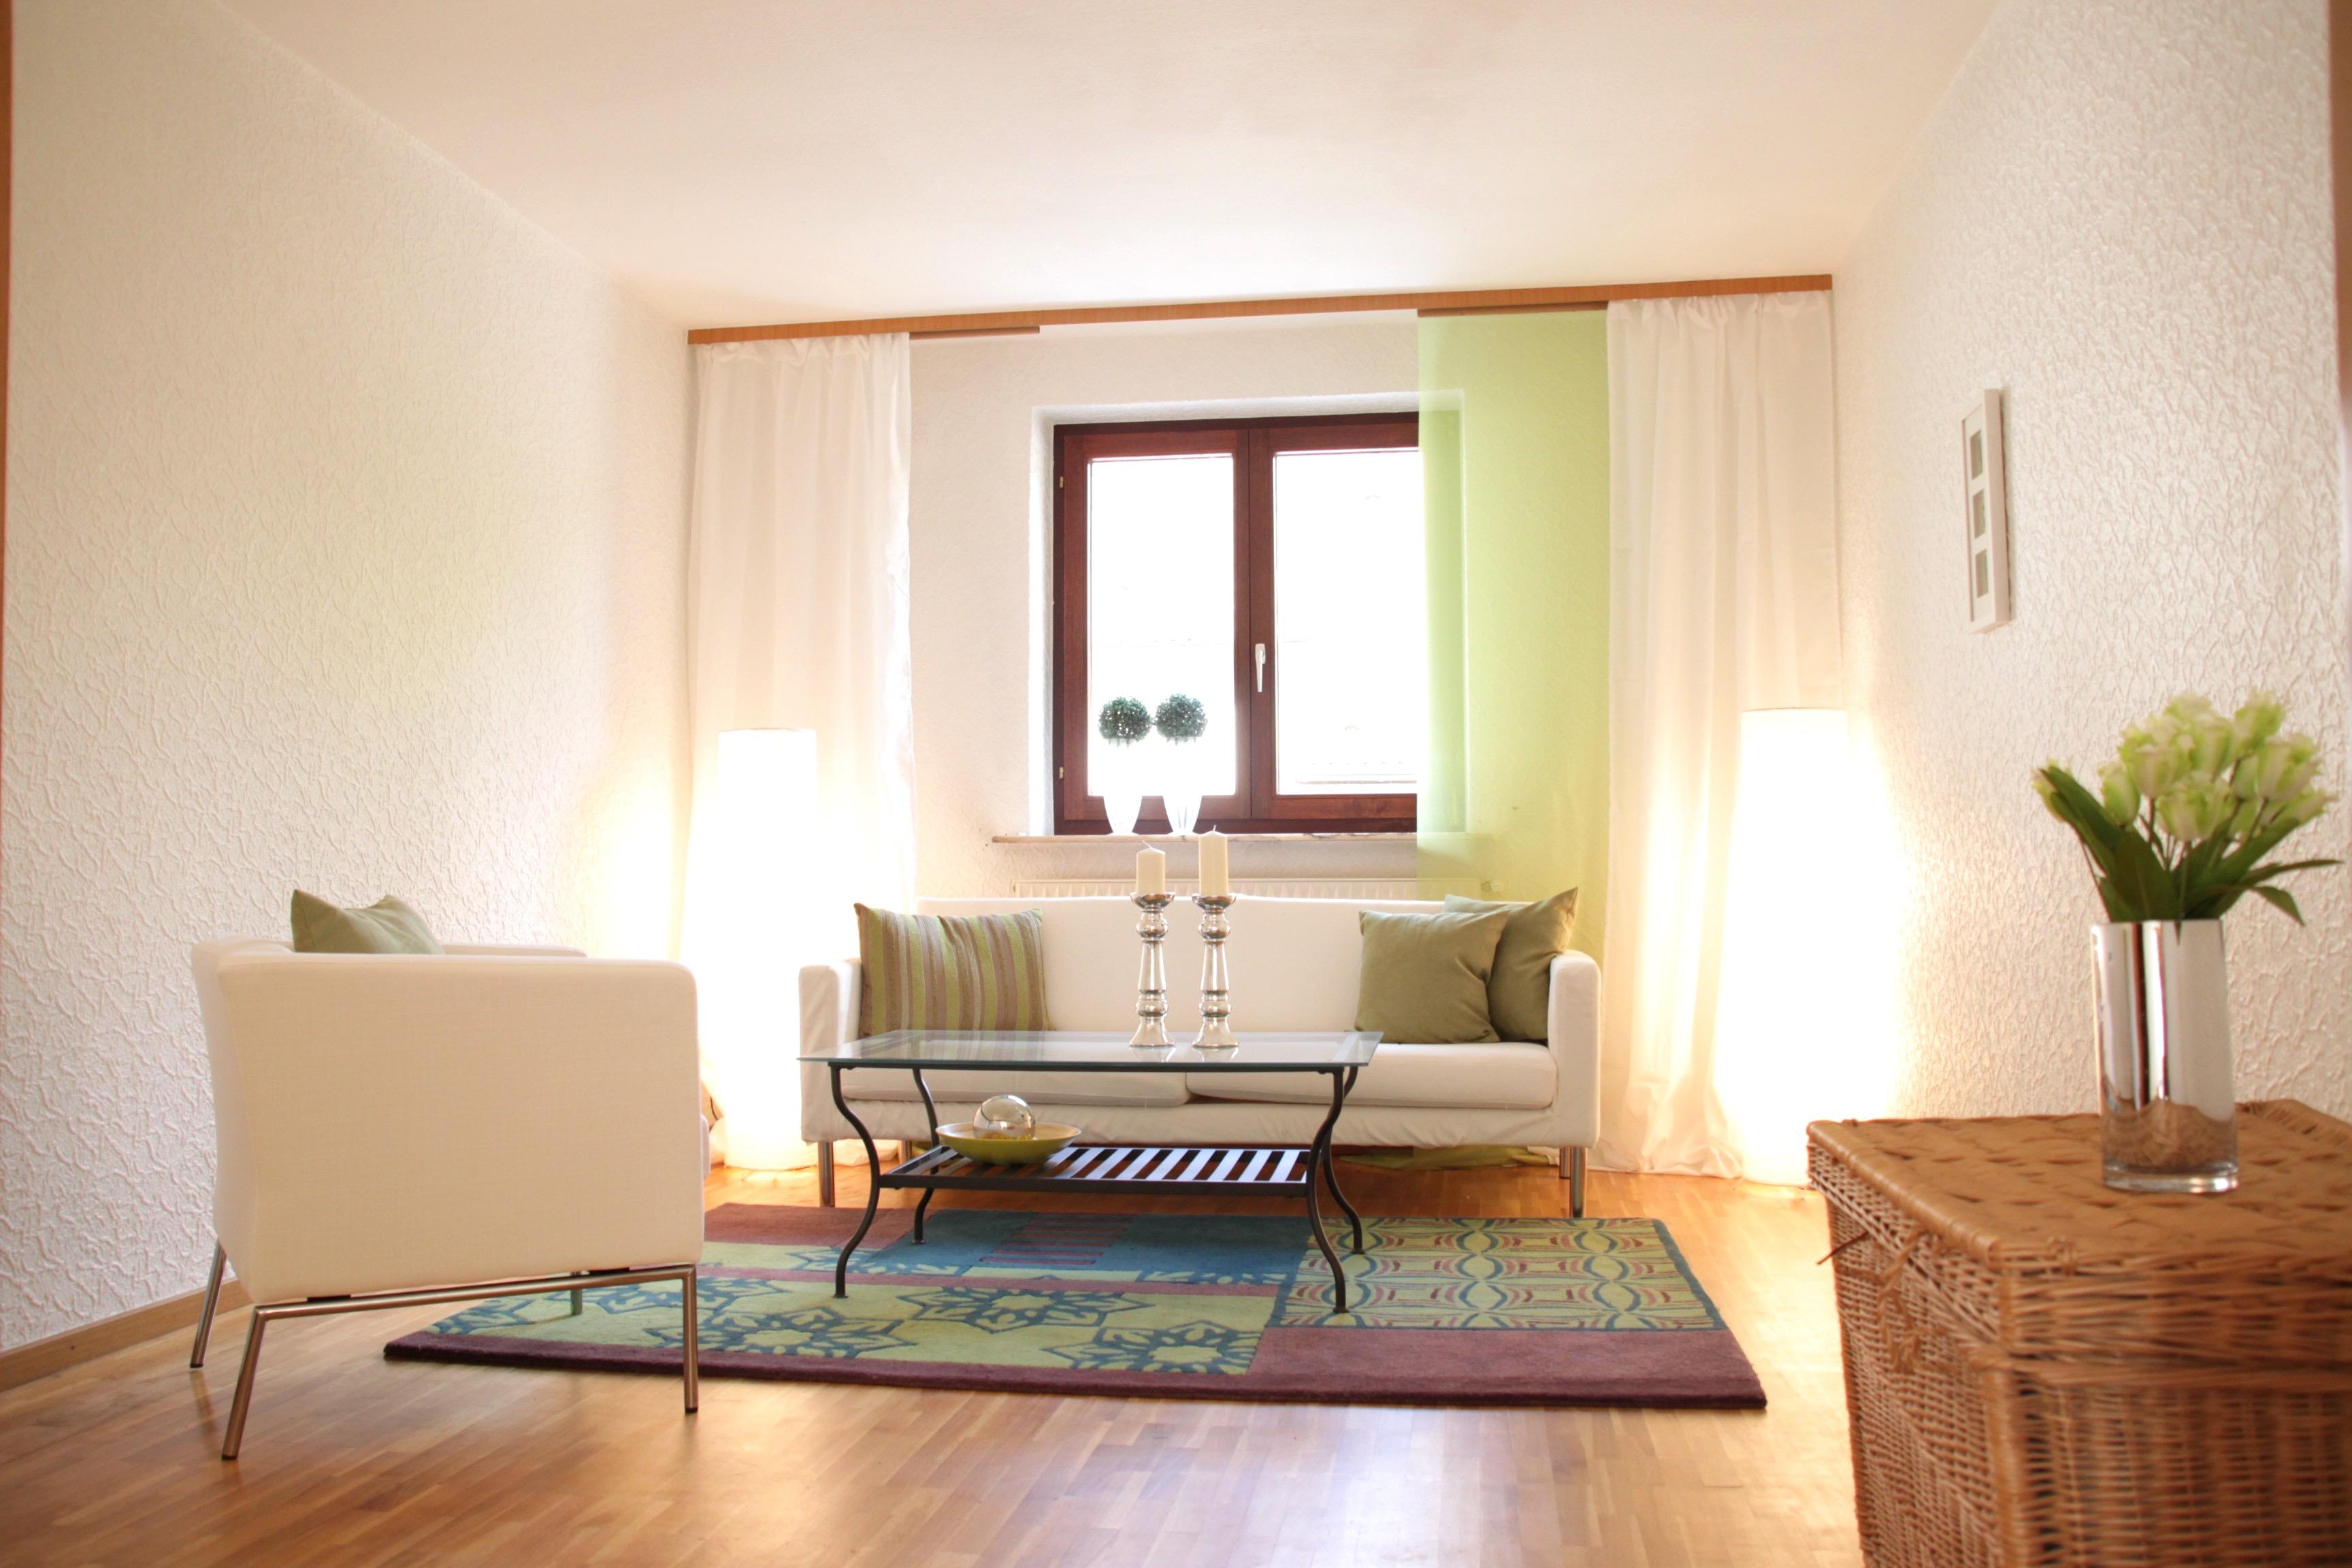 Интерьер квартиры студии с мебелью